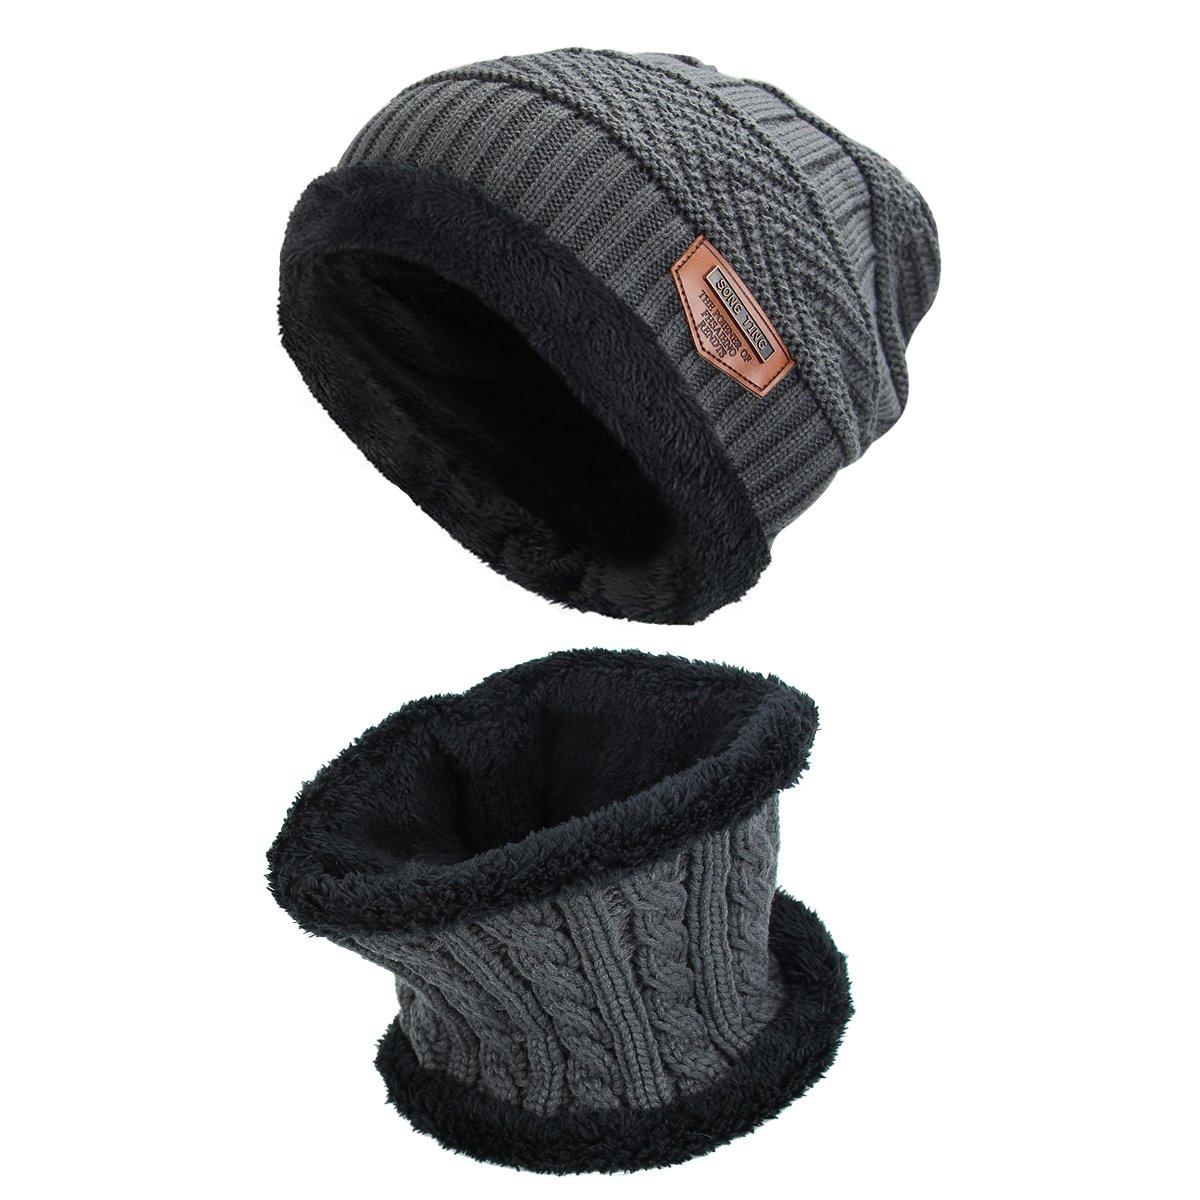 Sombrero de invierno, sombreros para mujeres y hombres ,Gorras Con Bufanda y Gorros de punto Sombreros de Suave Encantador Invierno de lana RUNFON 8165615MAATR141